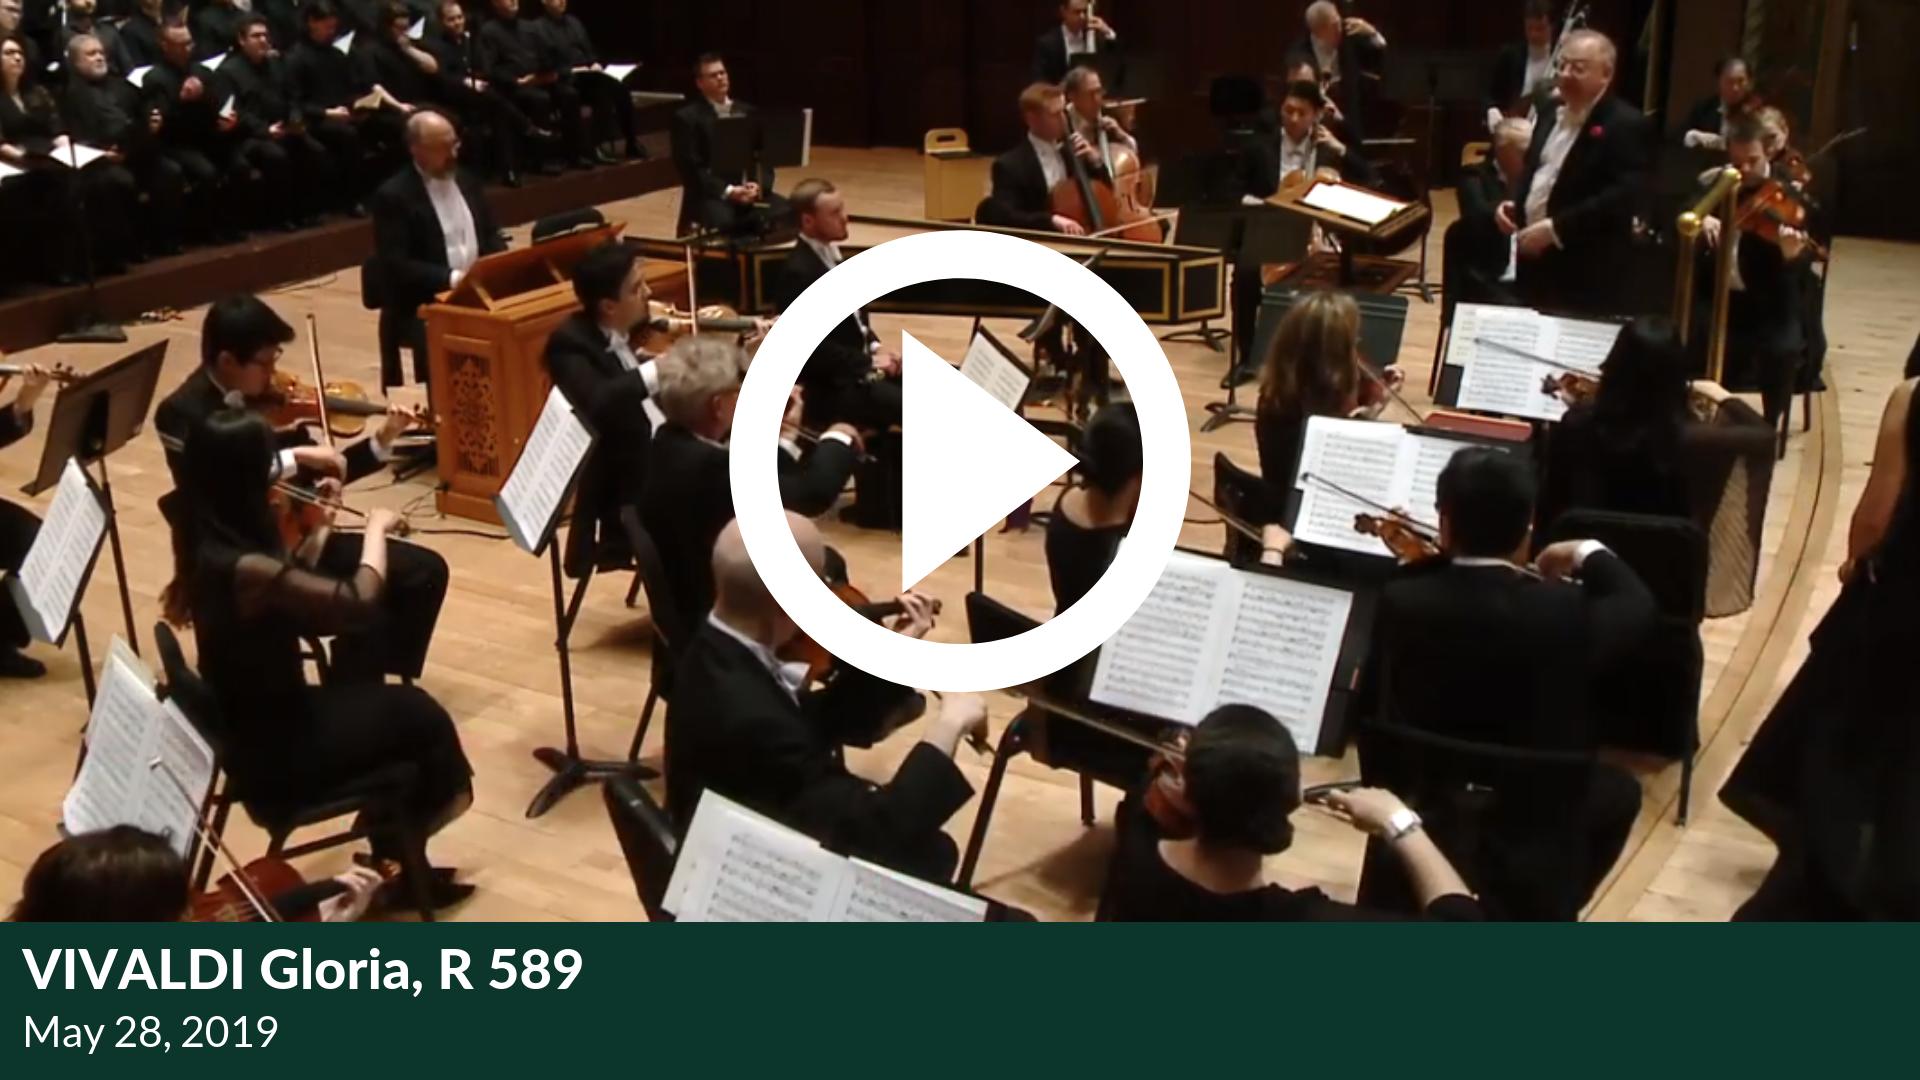 Vivaldi Gloria, R 589